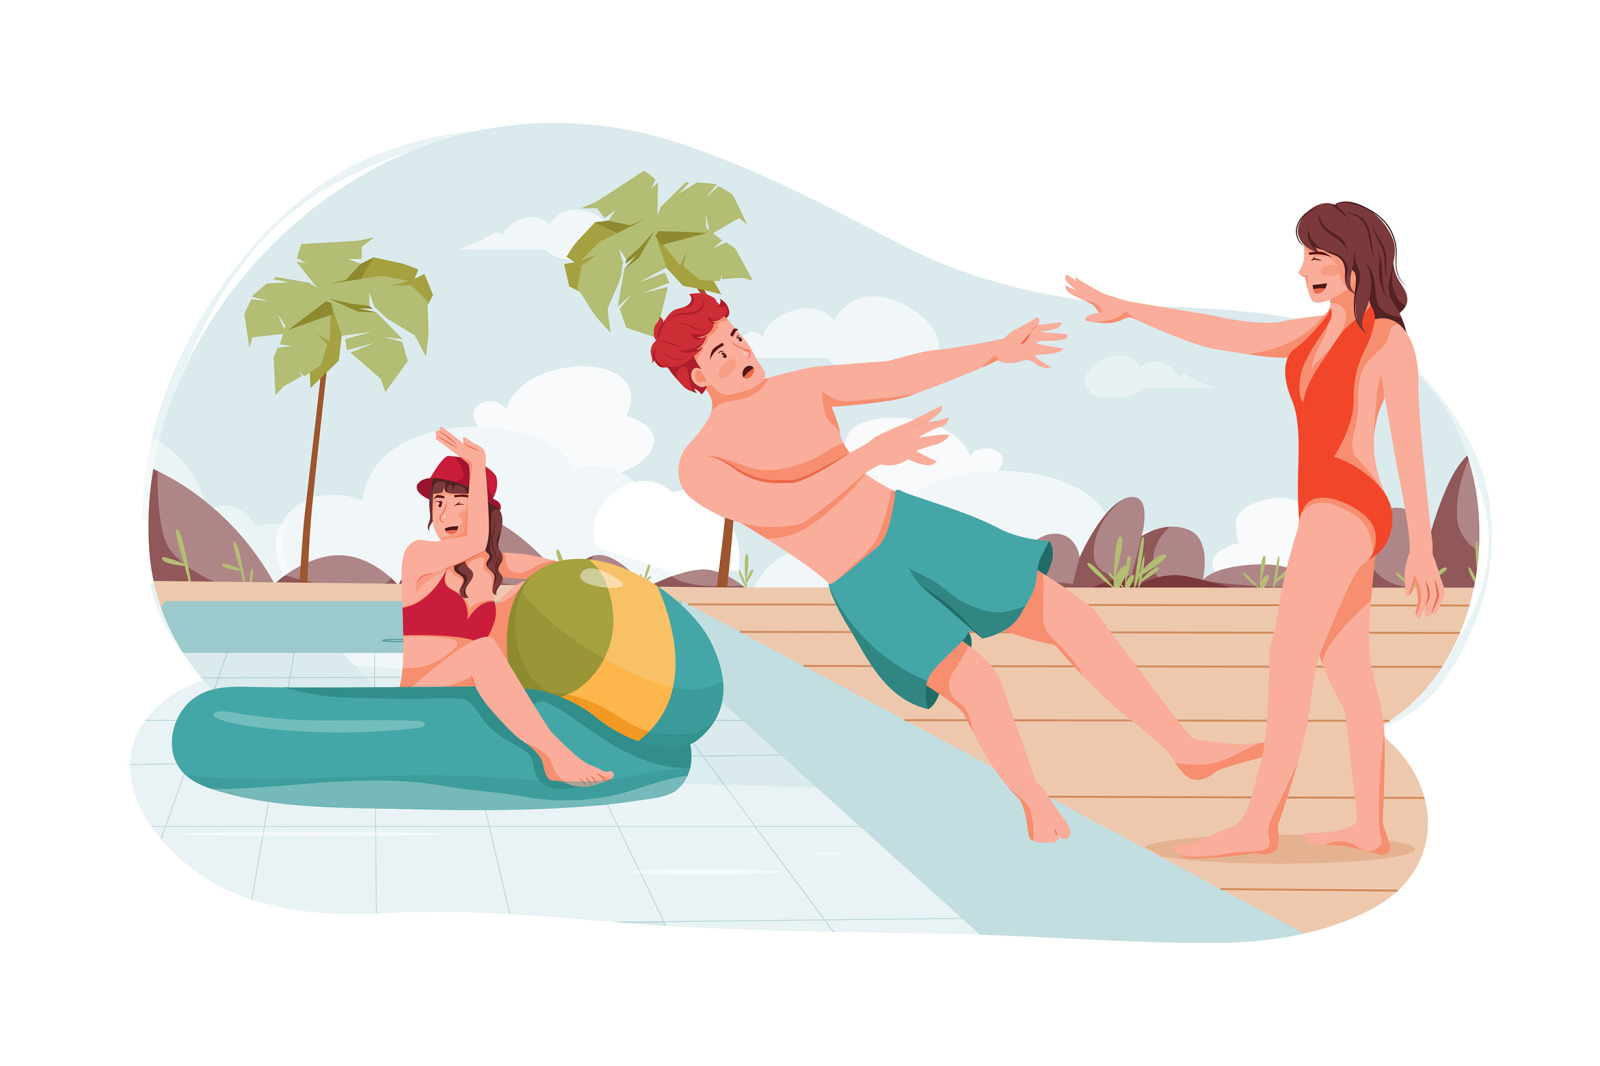 M175_Summer Vacation Illustrations